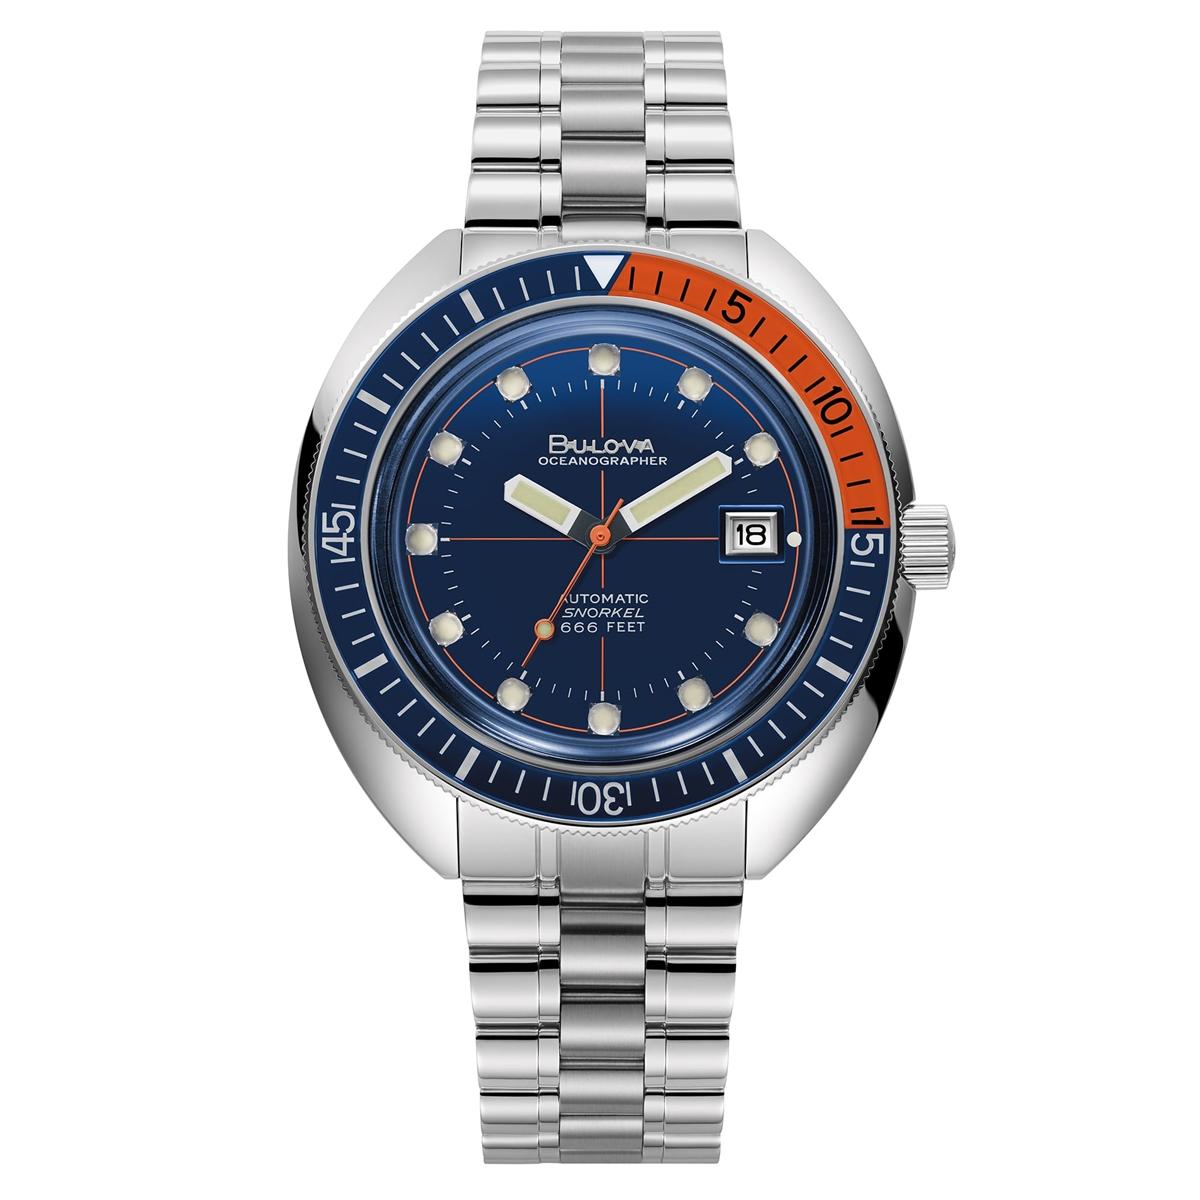 正規品 BULOVA ブローバ 96B321 オーシャノグラファー デビルダイバー 腕時計